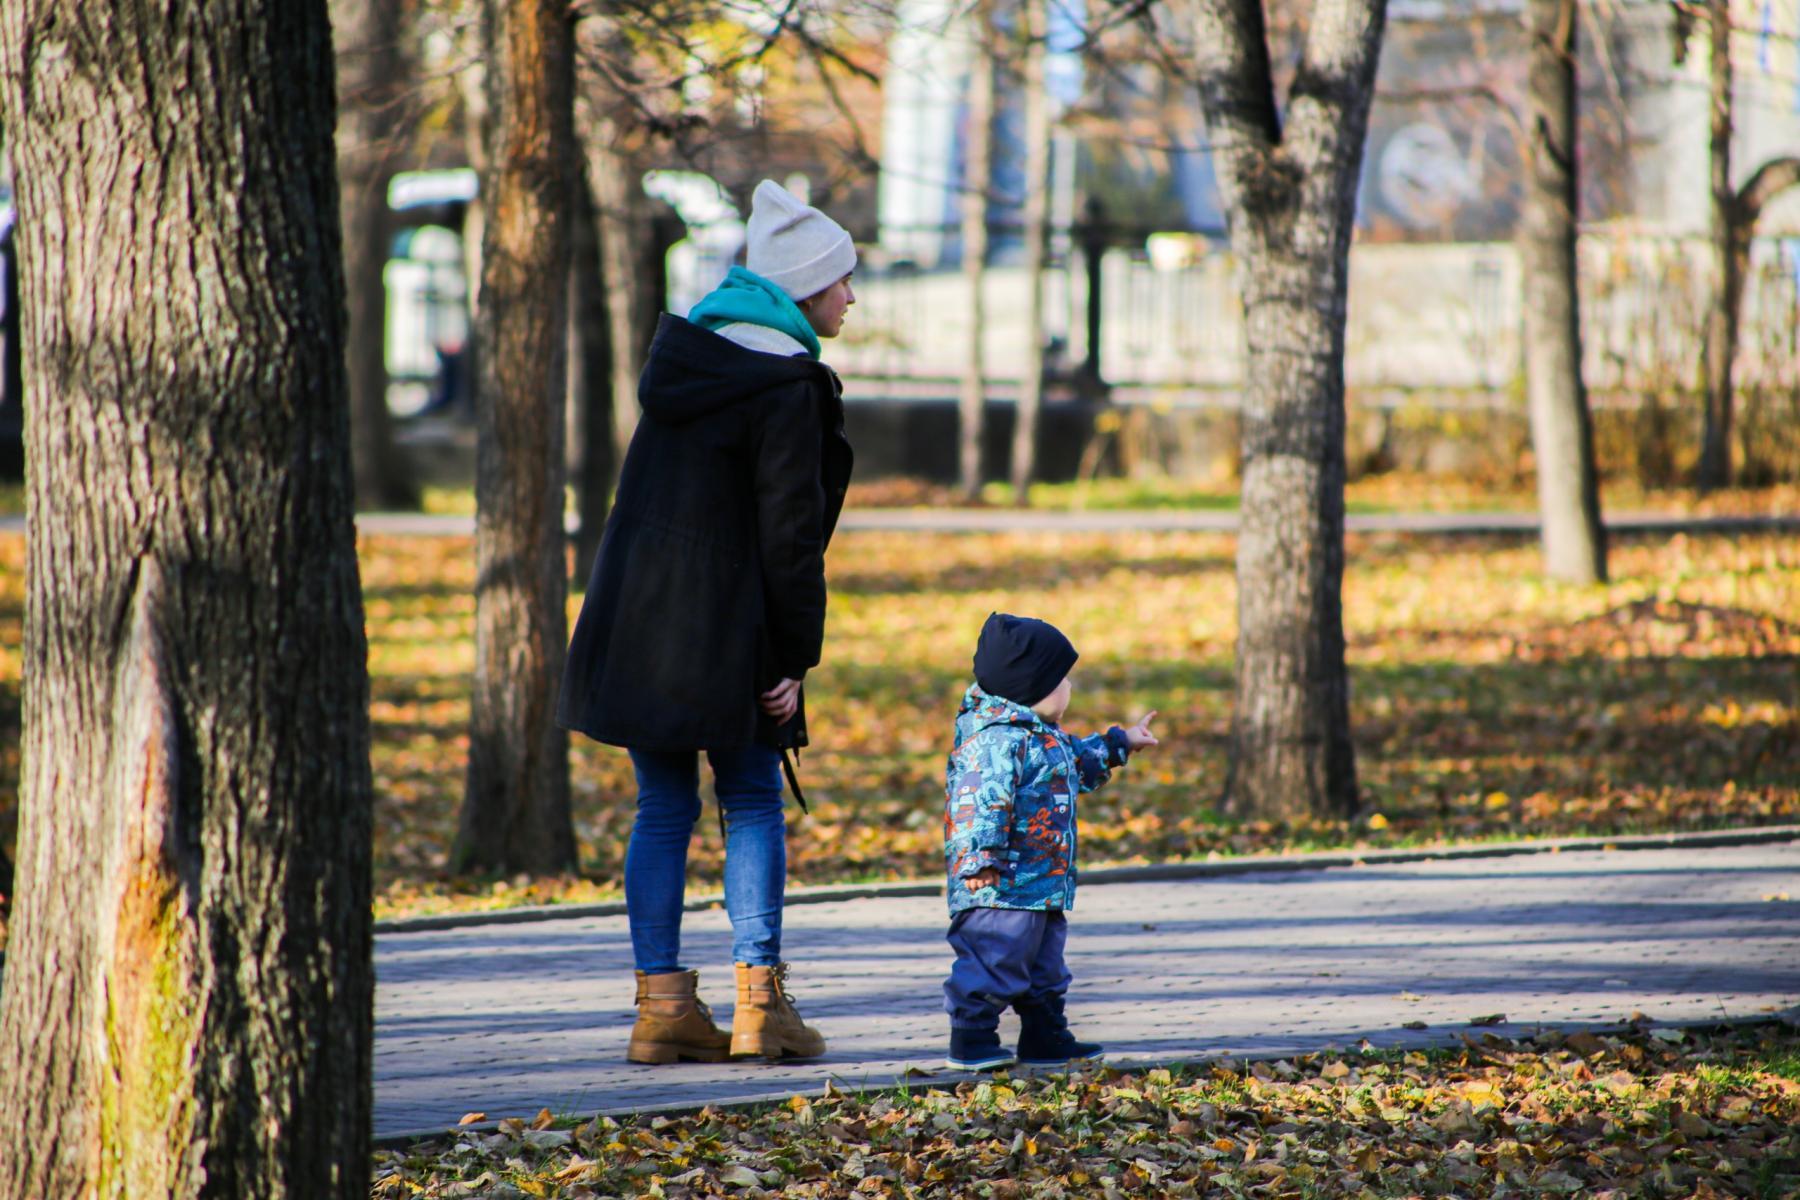 фото Пособие 10000: Путин продлил детские выплаты для малоимущих семей 2